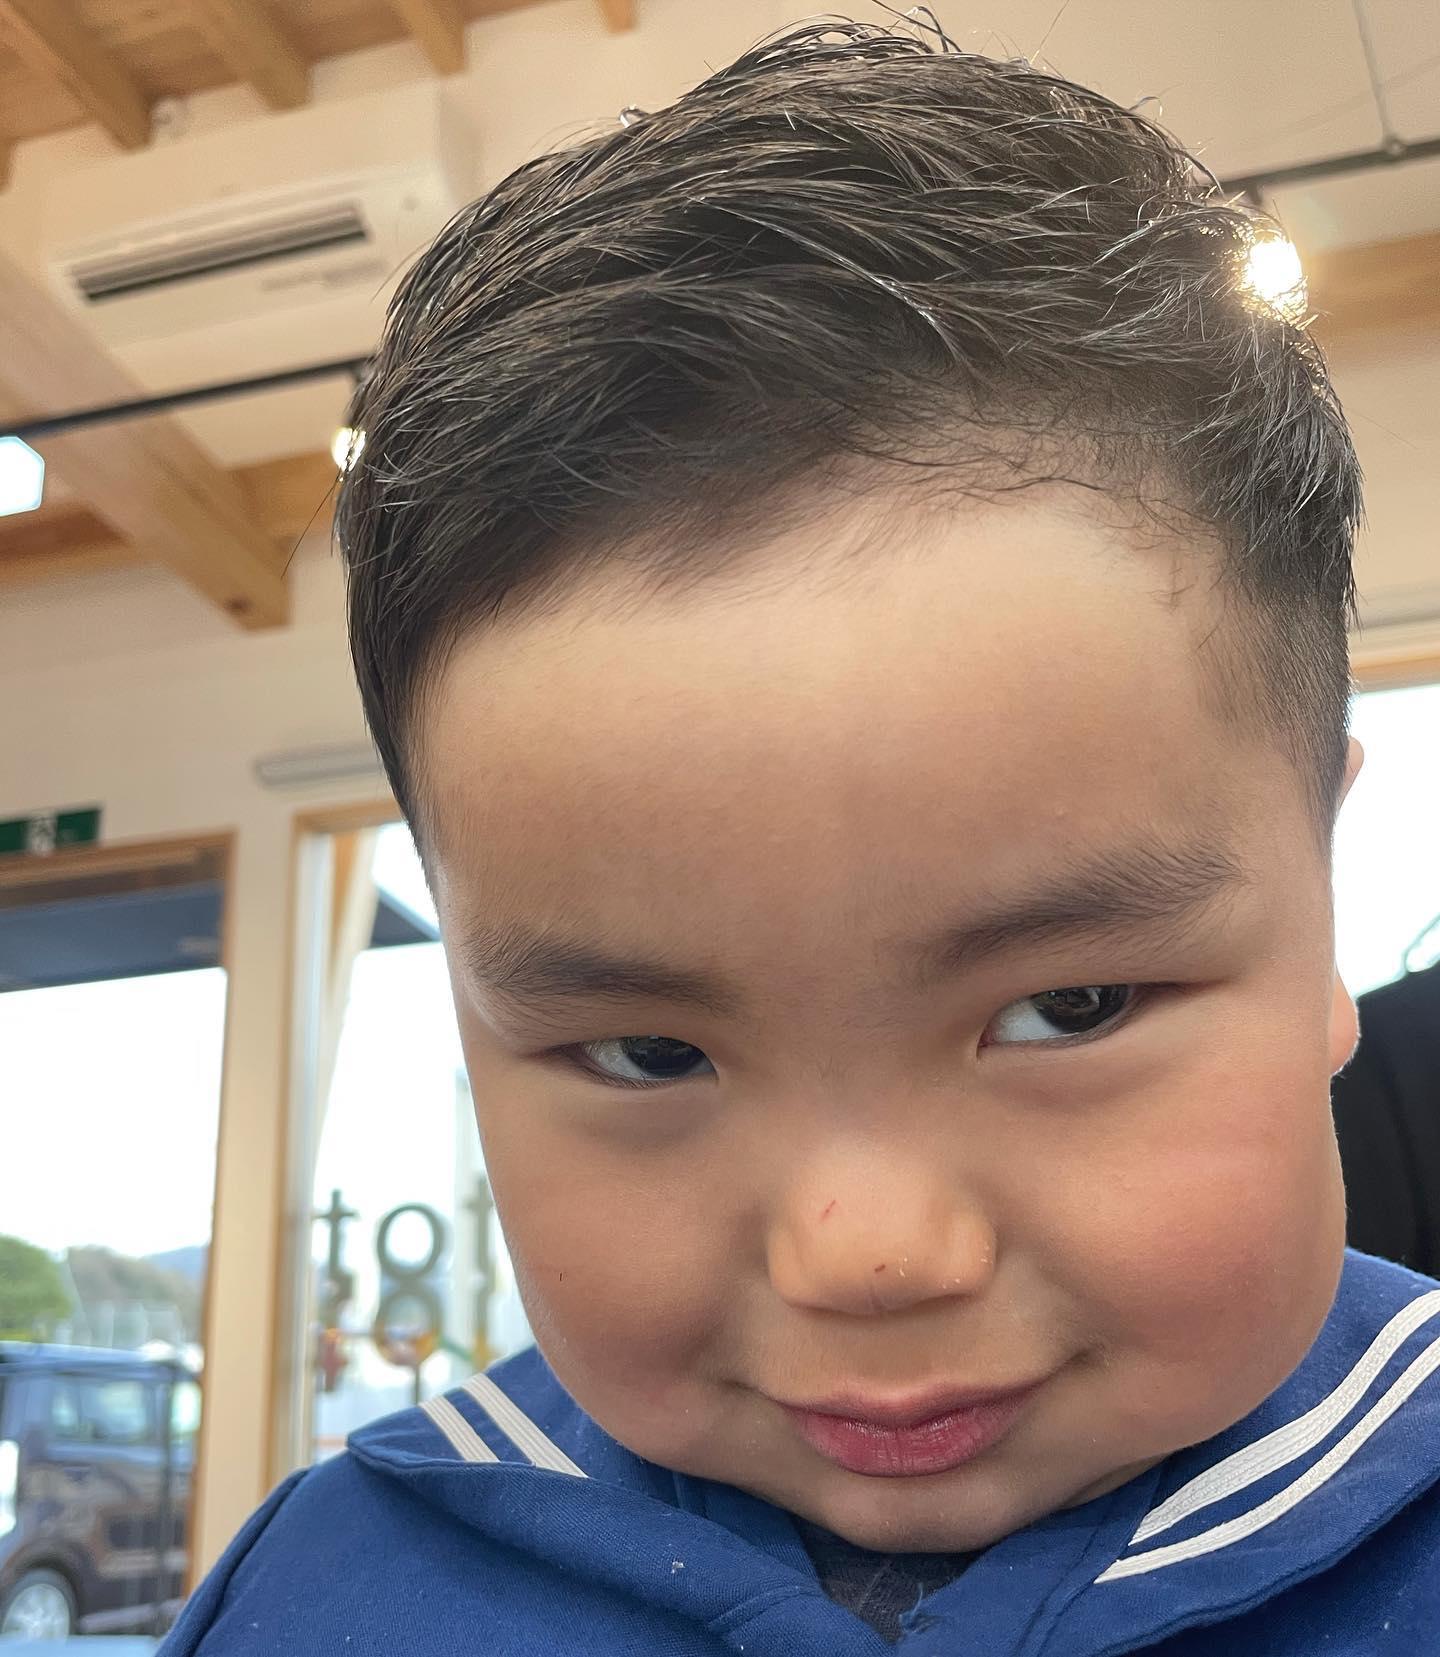 にらめっこ〜..#可愛い#男の子#メンズカット#おでこちゃん#かっこいい #たまらん#サボさん#..〠627-0004京丹後市峰山町荒山1220-1︎0772608704close:Wednesday